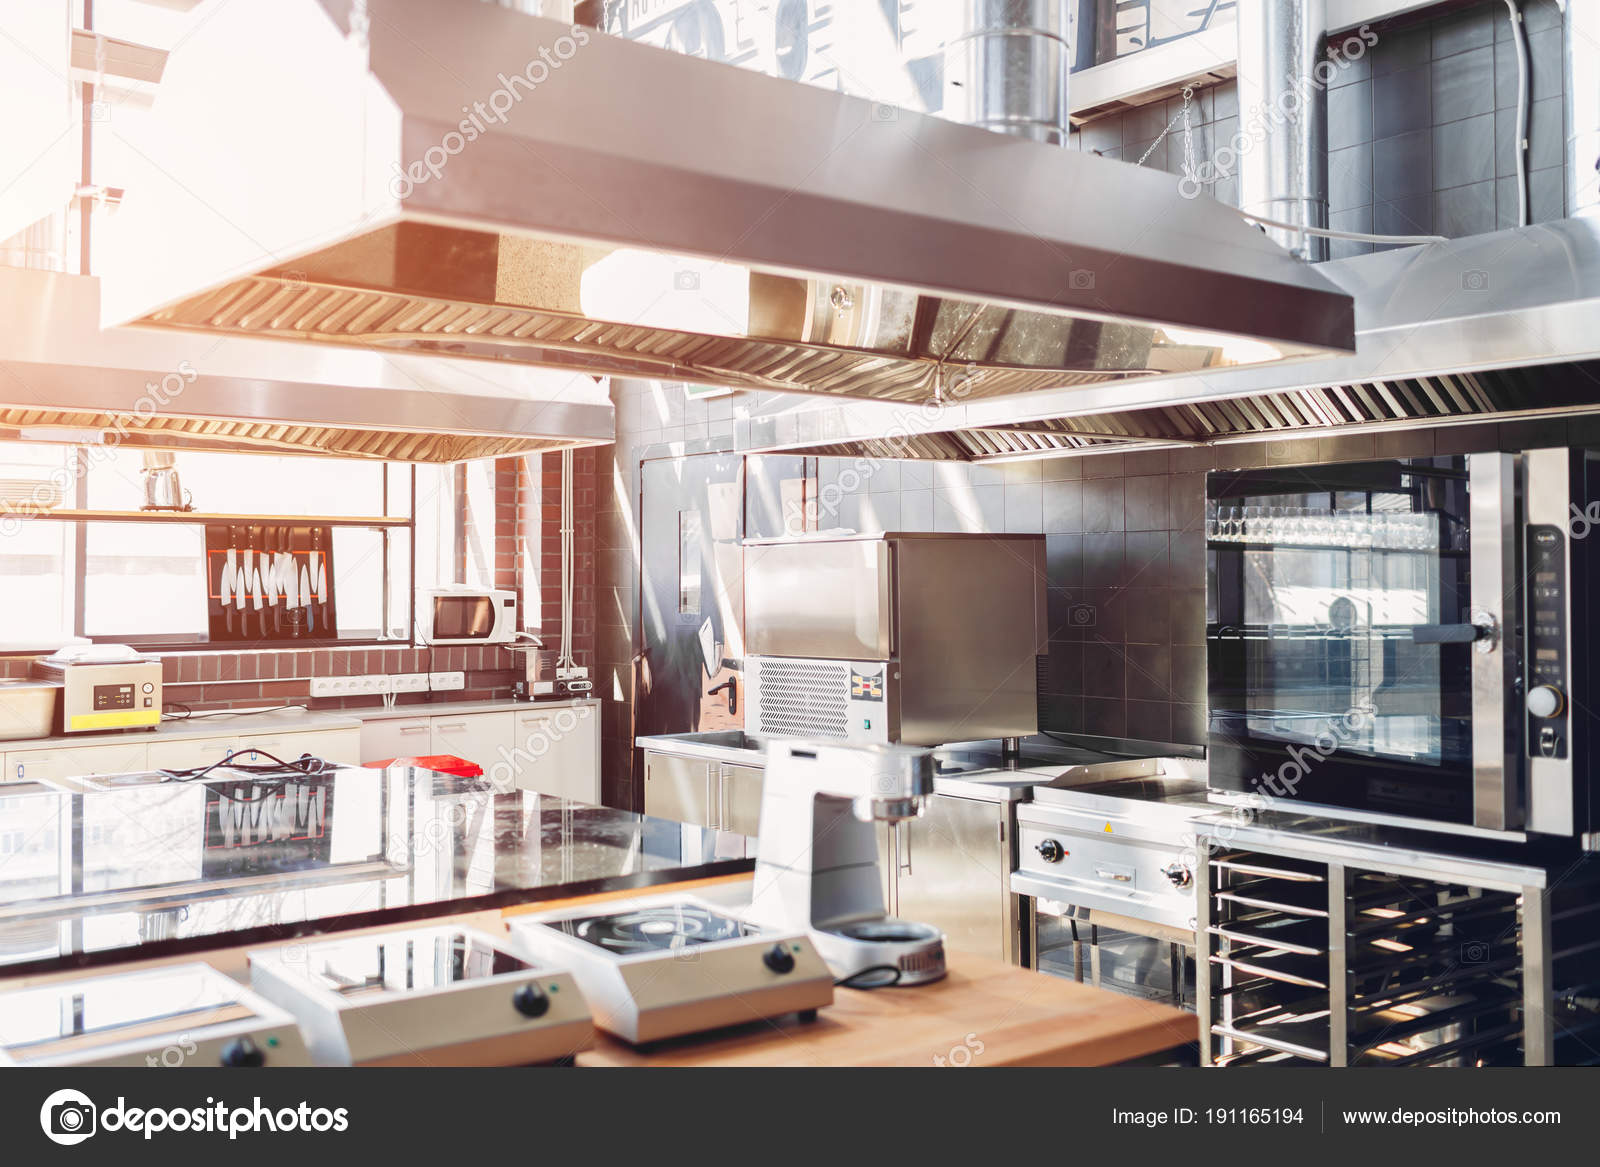 Cucina professionale del ristorante moderne attrezzature e